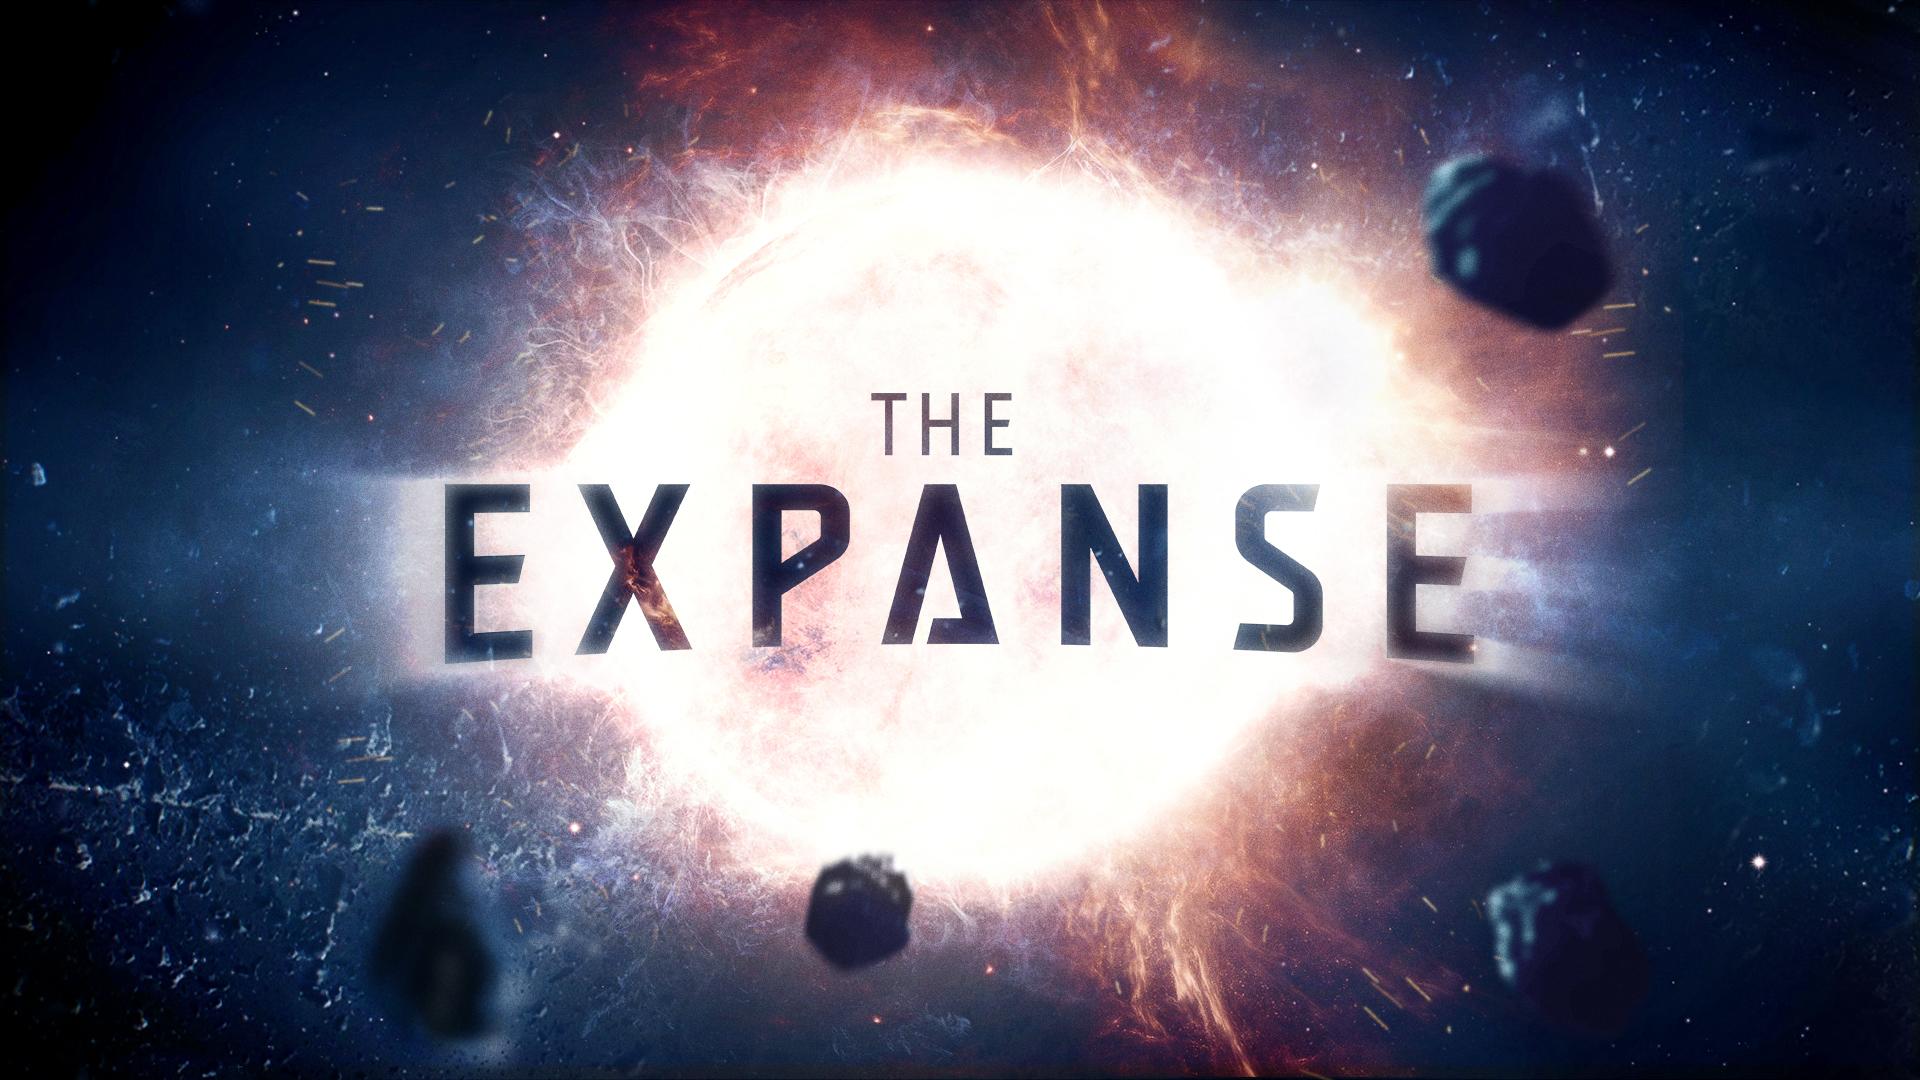 תוצאת תמונה עבור The Expanse